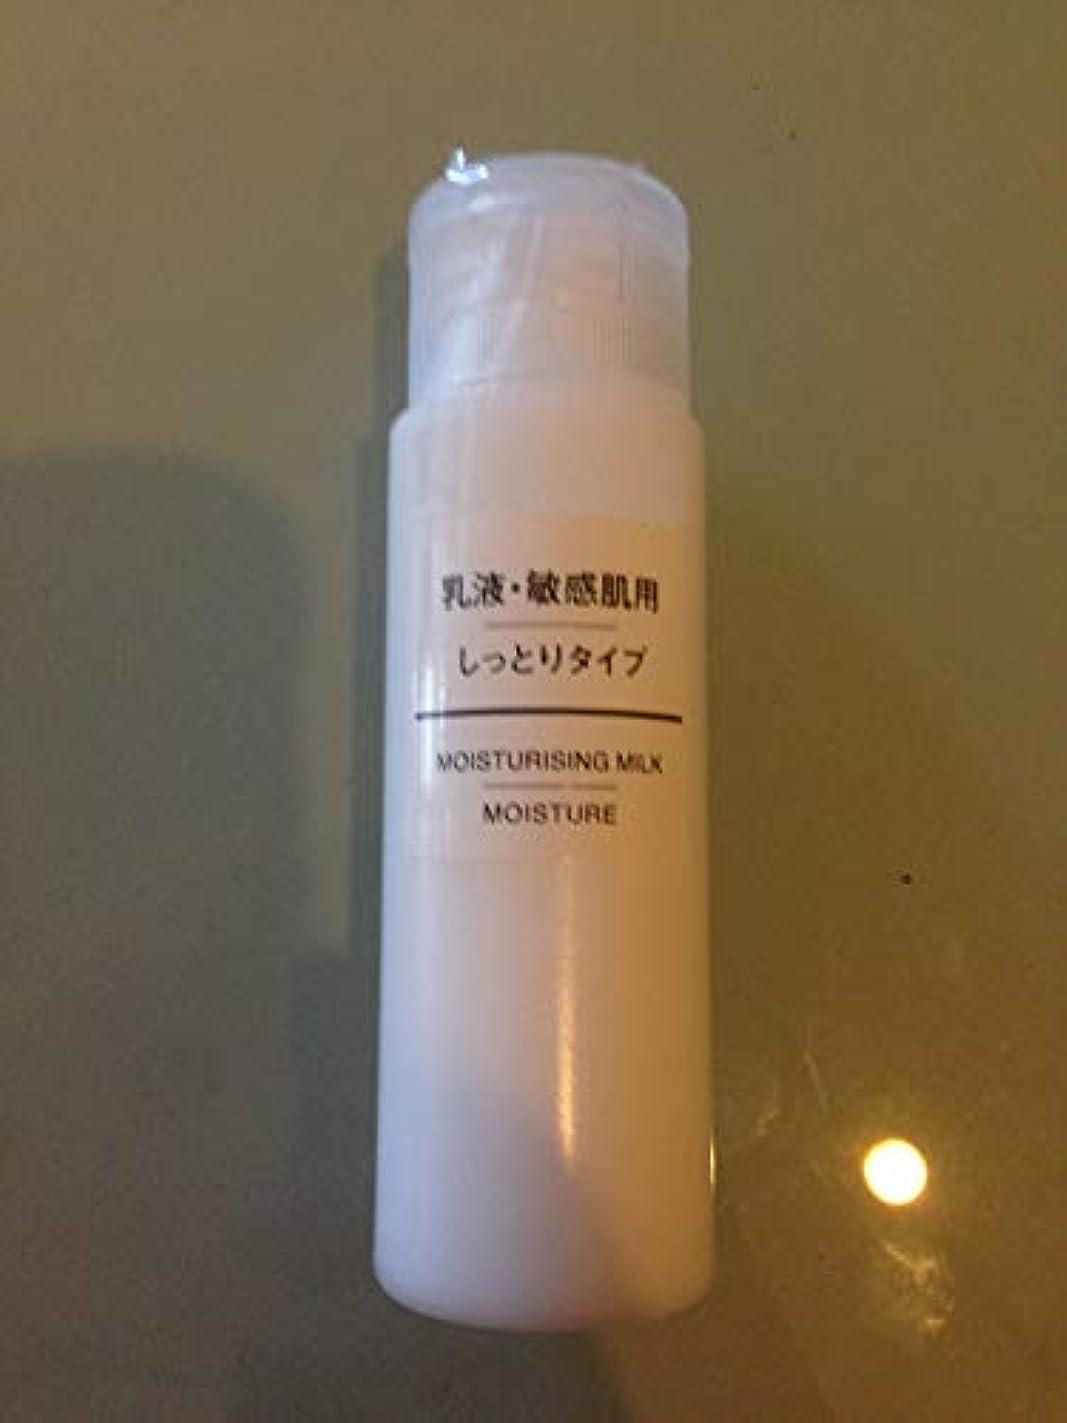 沿って列挙する存在する無印良品 乳液 敏感肌用 しっとりタイプ(携帯用) 50ml